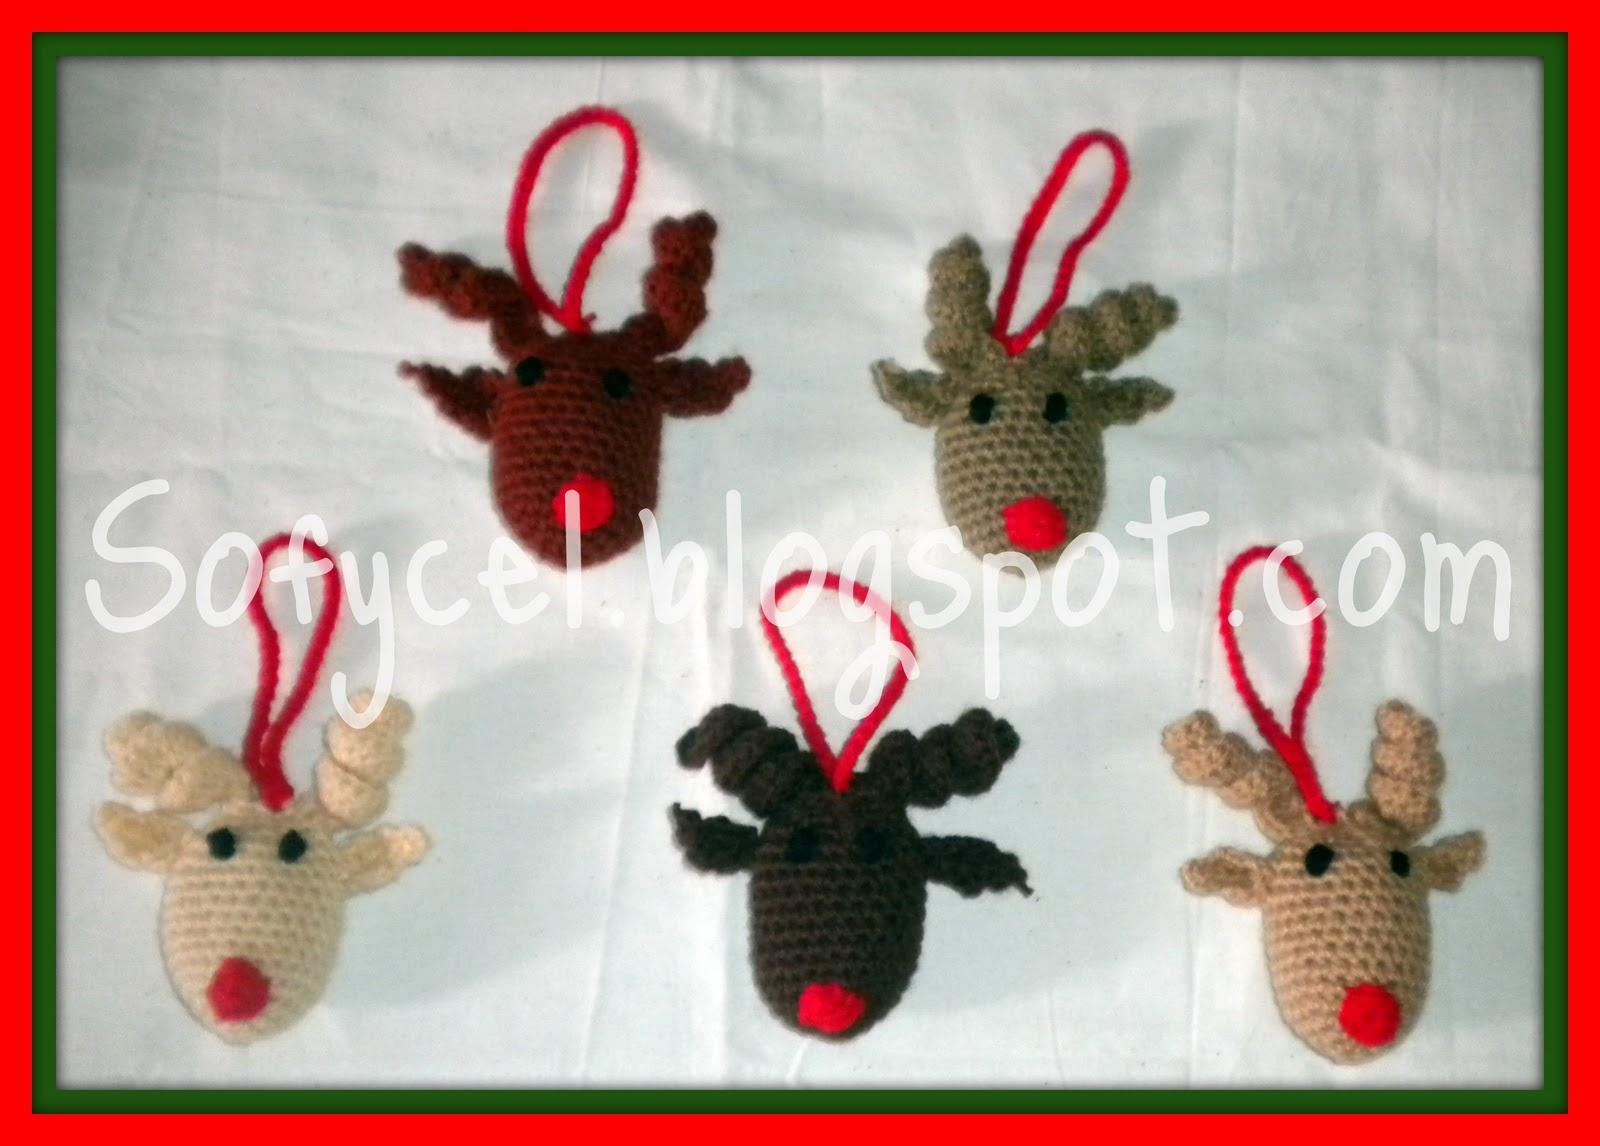 Sofycel creaciones adornos para el arbol de navidad - Adornos para el arbol de navidad ...